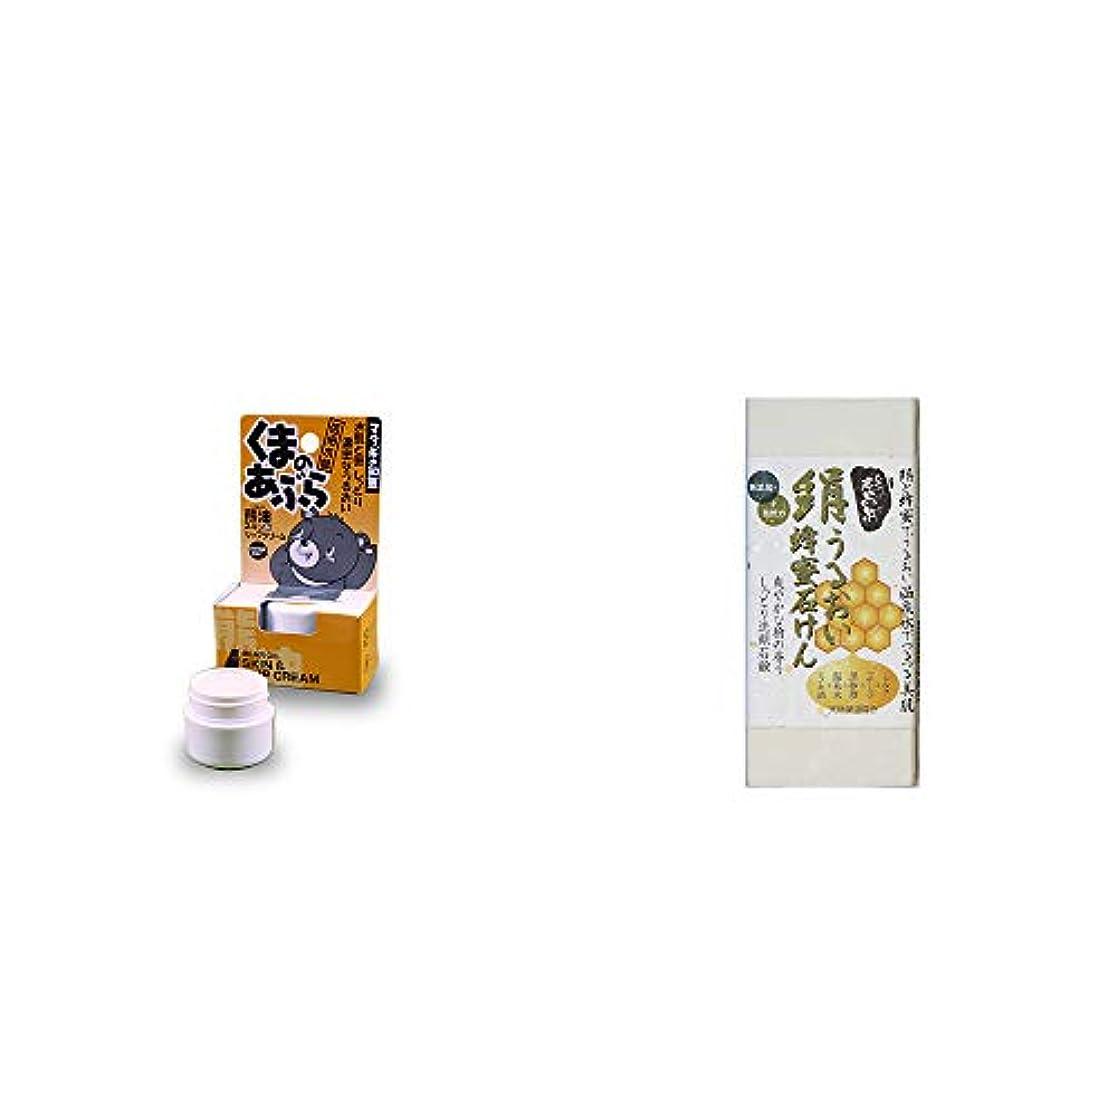 ハードリング正しい近代化する[2点セット] 信州木曽 くまのあぶら 熊油スキン&リップクリーム(9g)?ひのき炭黒泉 絹うるおい蜂蜜石けん(75g×2)